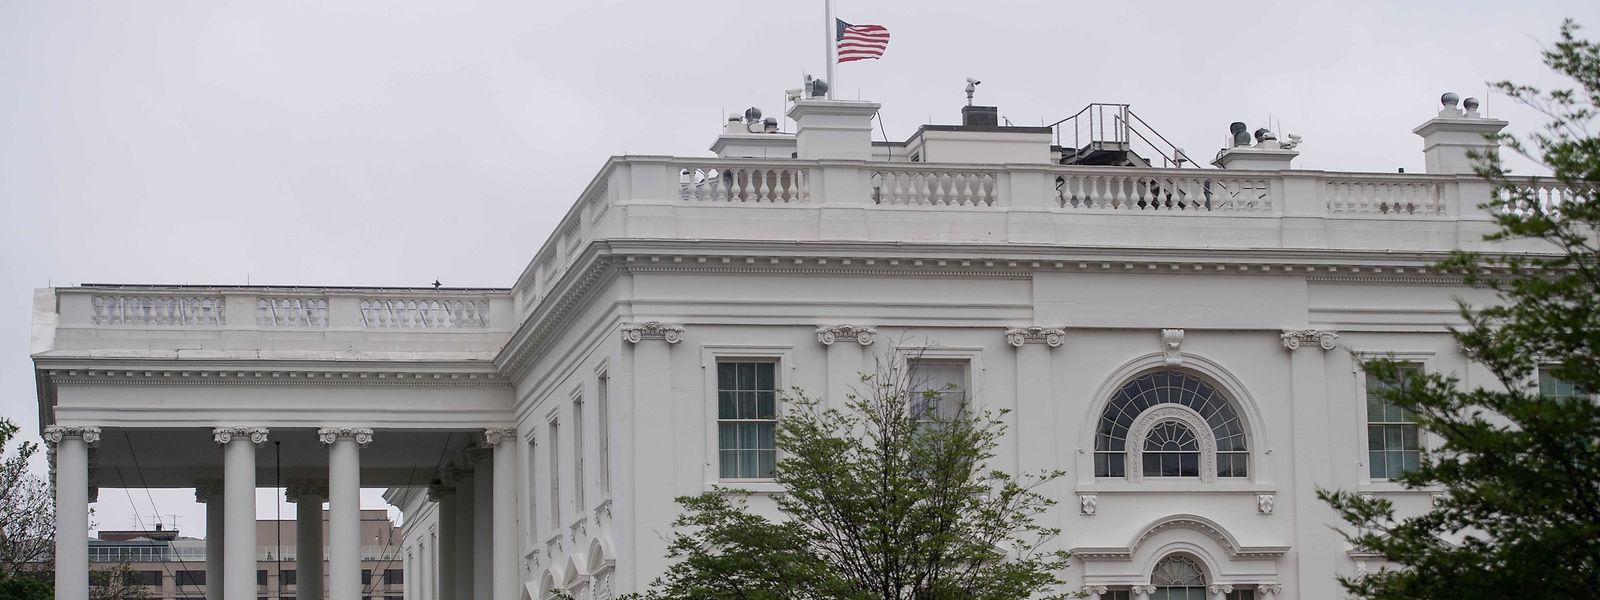 Am Weißen Haus in Washington hing die Flagge gestern auf Halbmast.